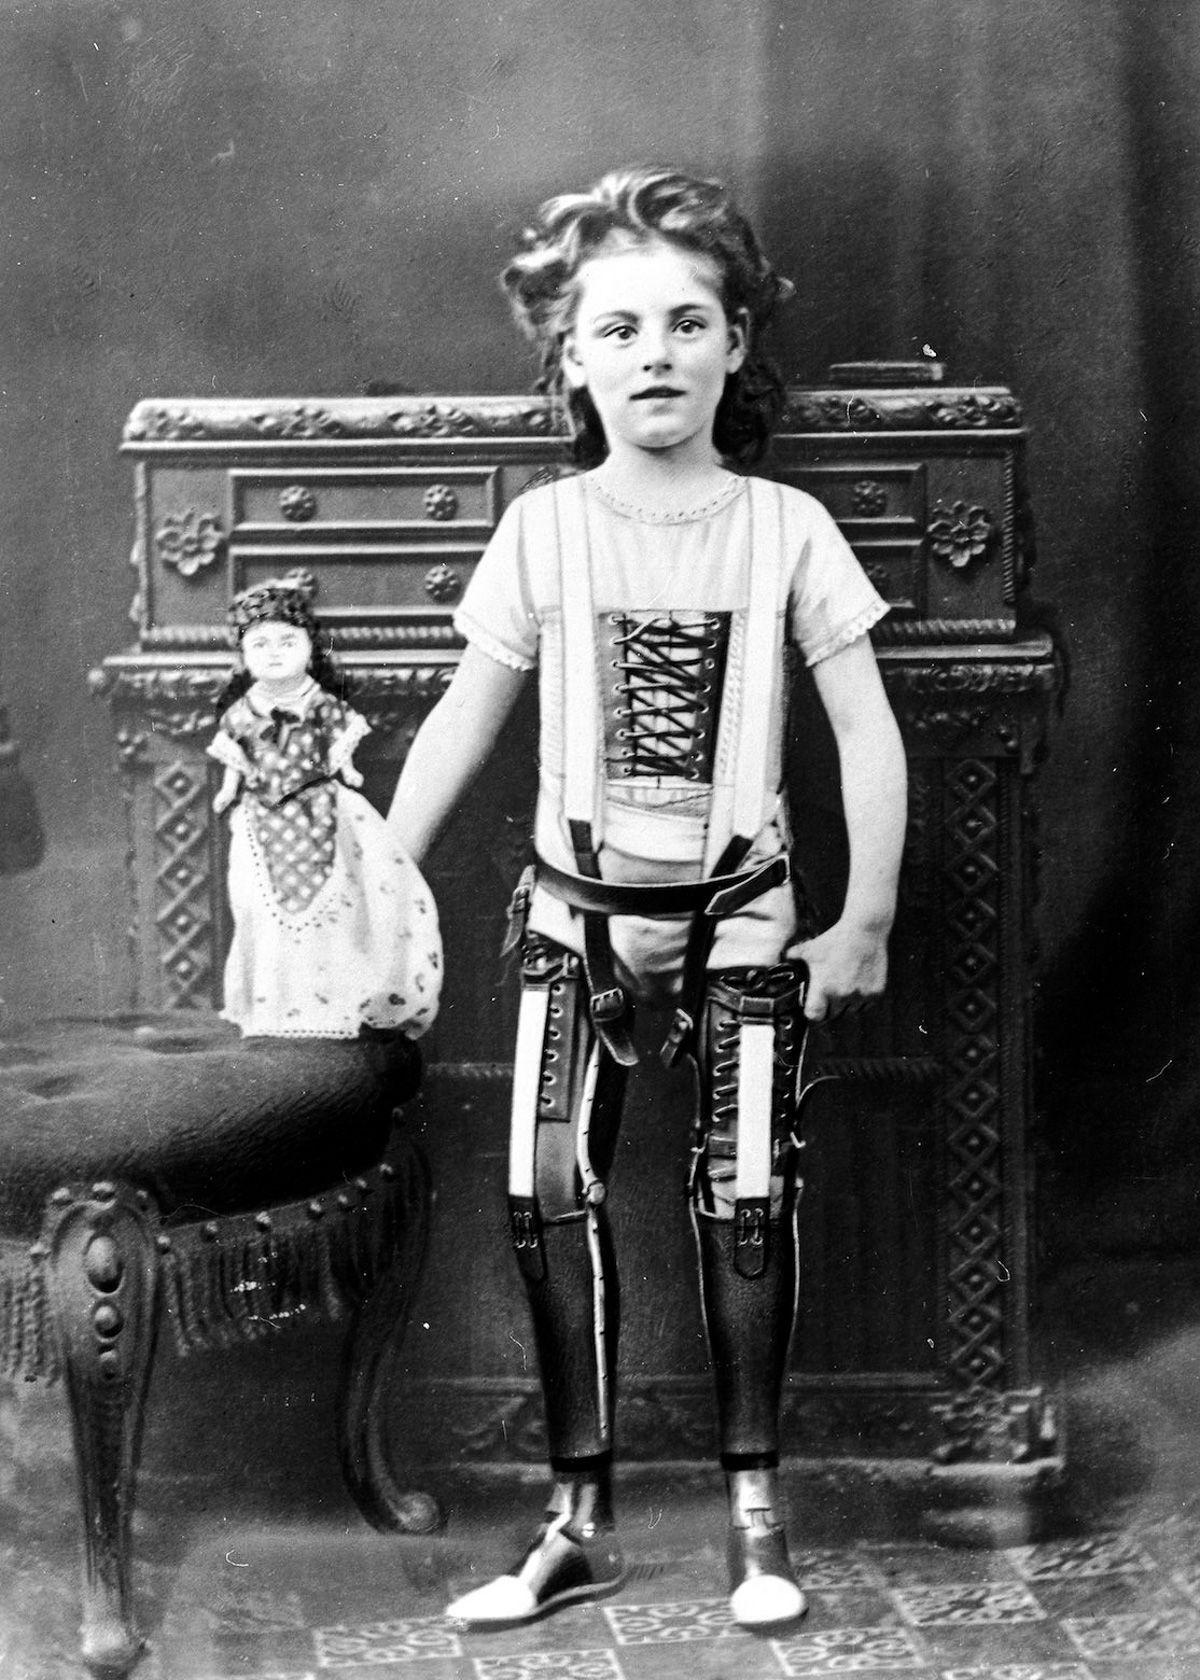 gillingham prosthetic